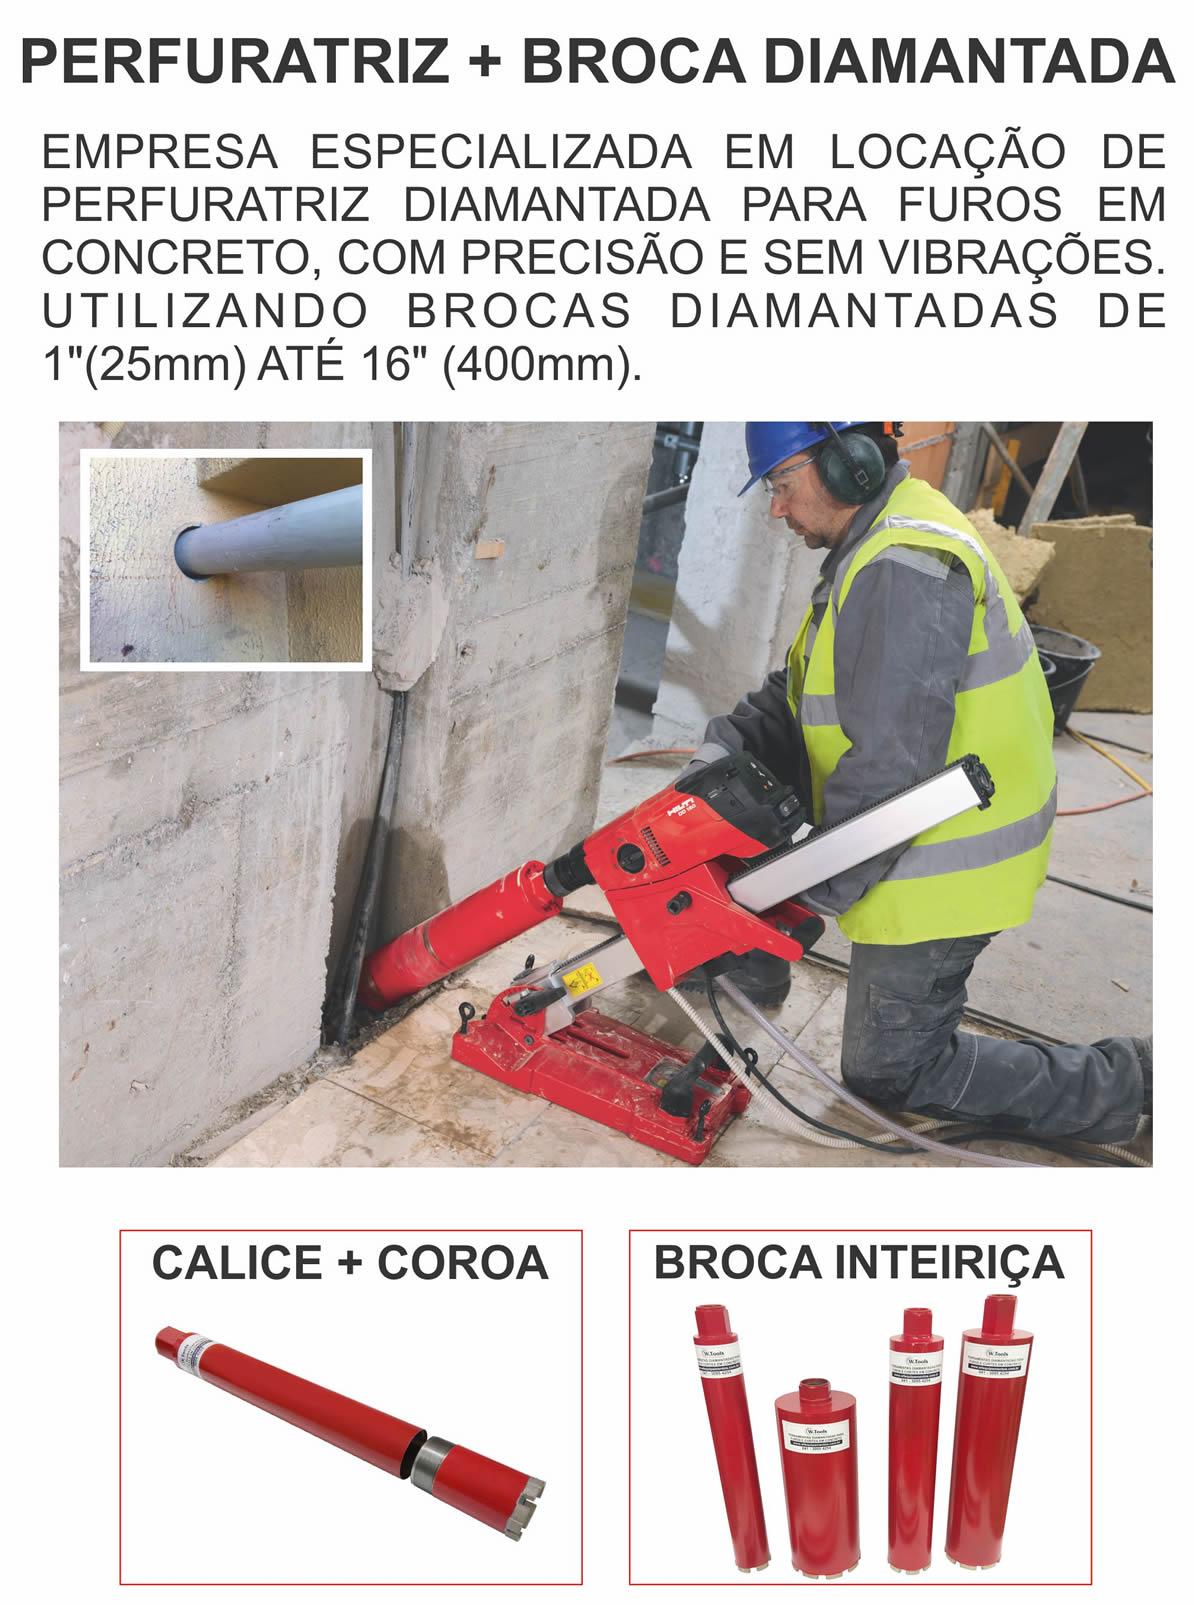 Locação de perfuratrizes de concreto em Curitiba